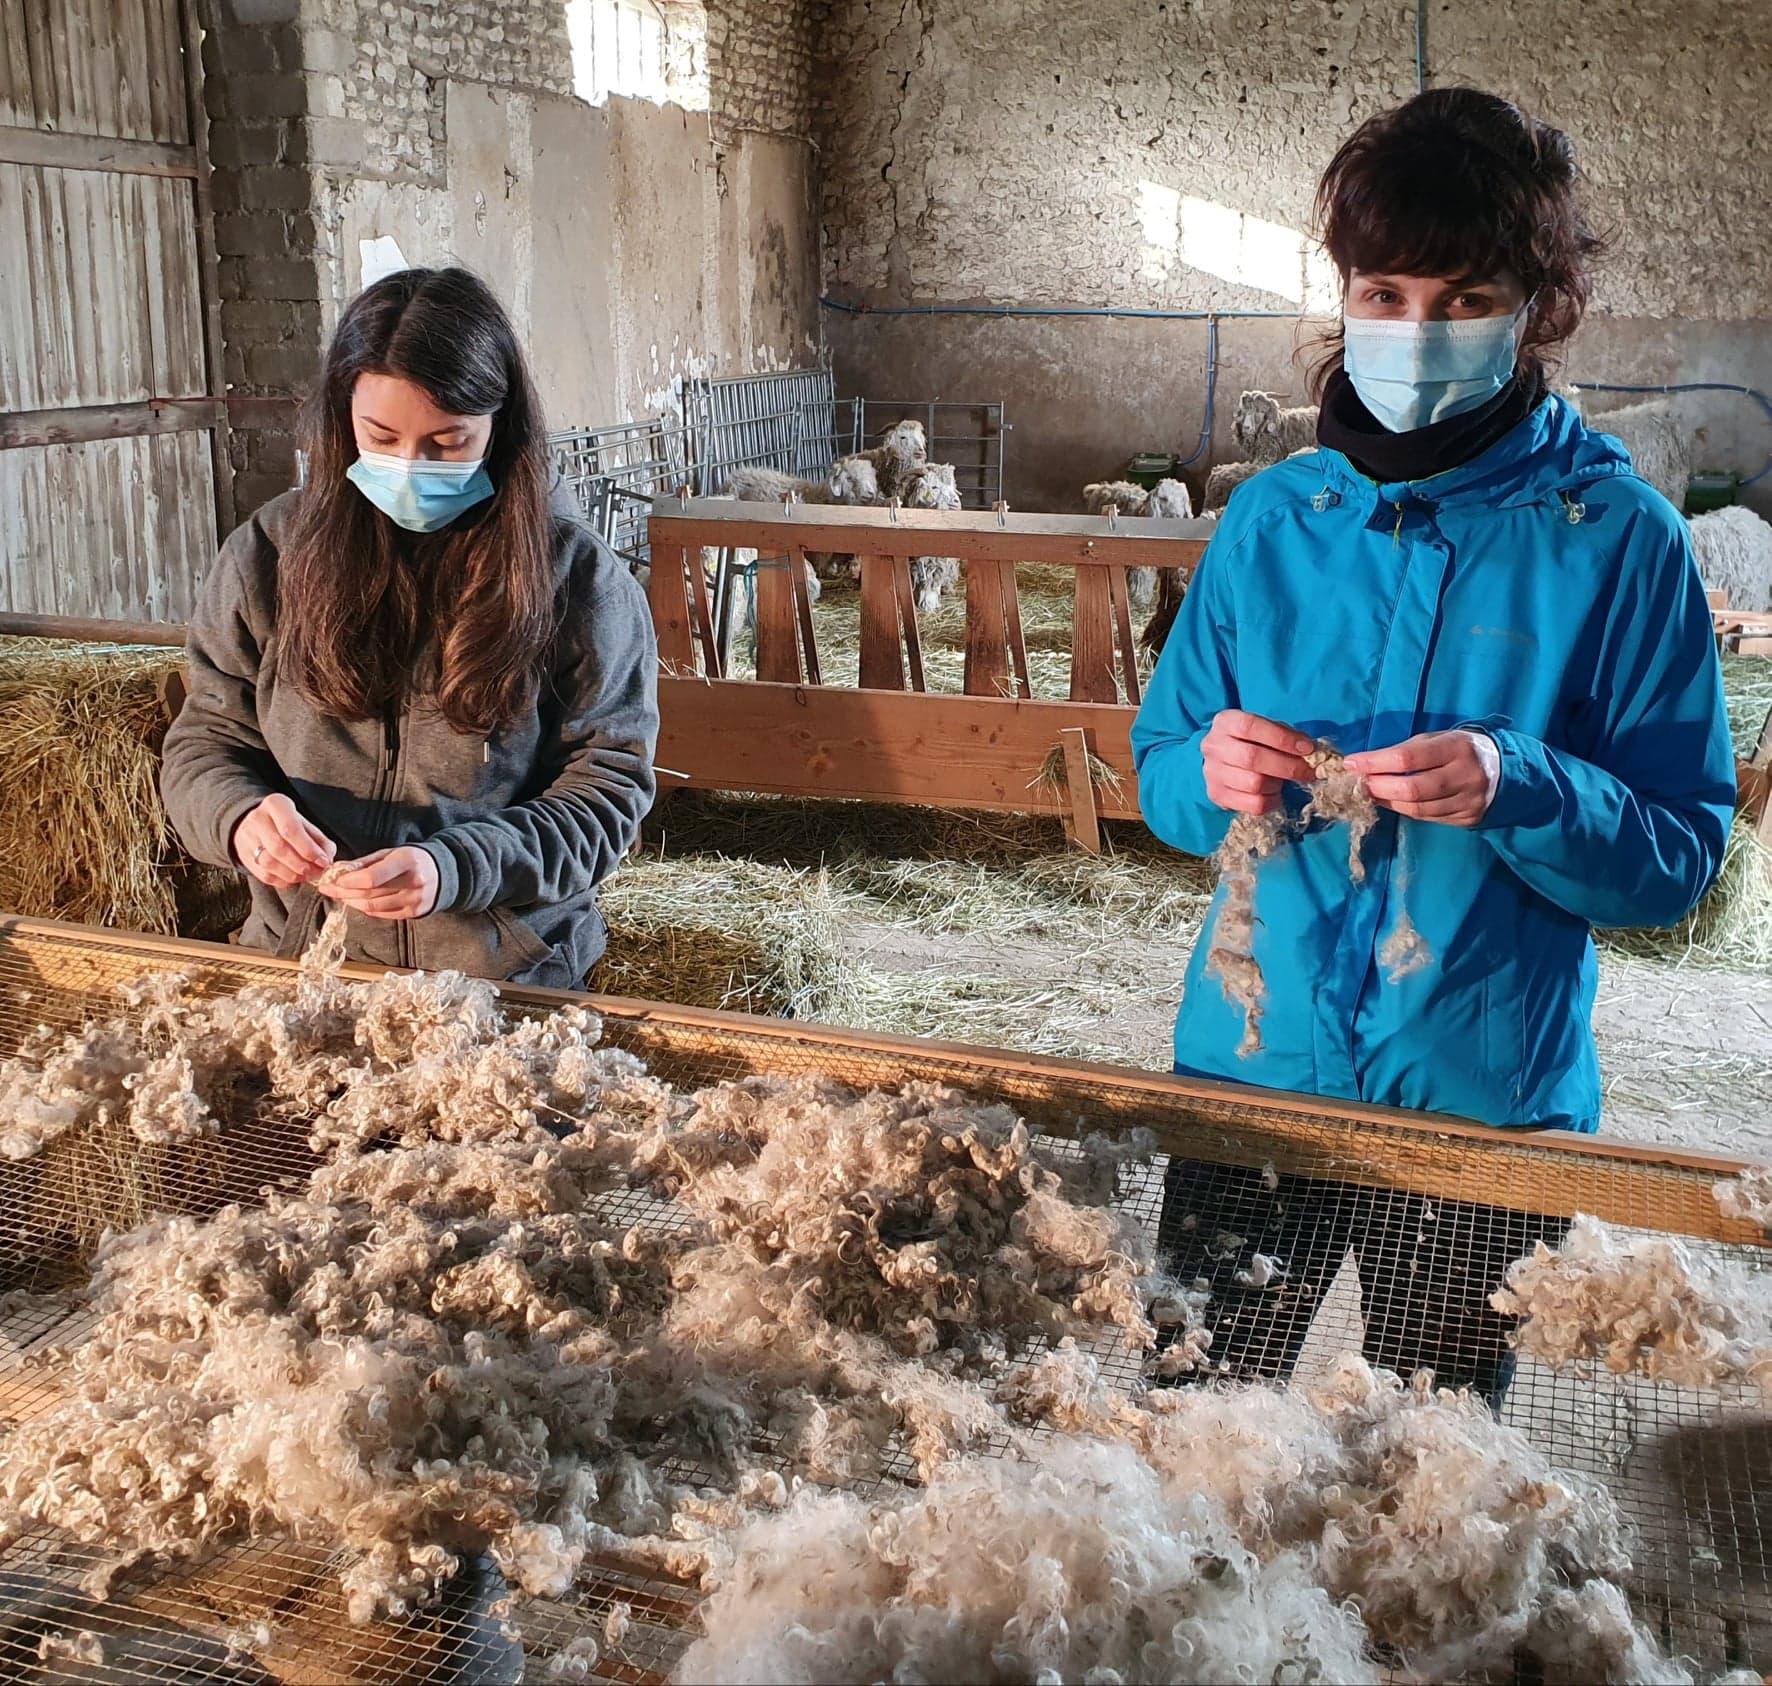 Chèvres angora laine mohair local producteur produits locaux ferme des P'tits bergers chaussy atraps loiret Essonne Angerville